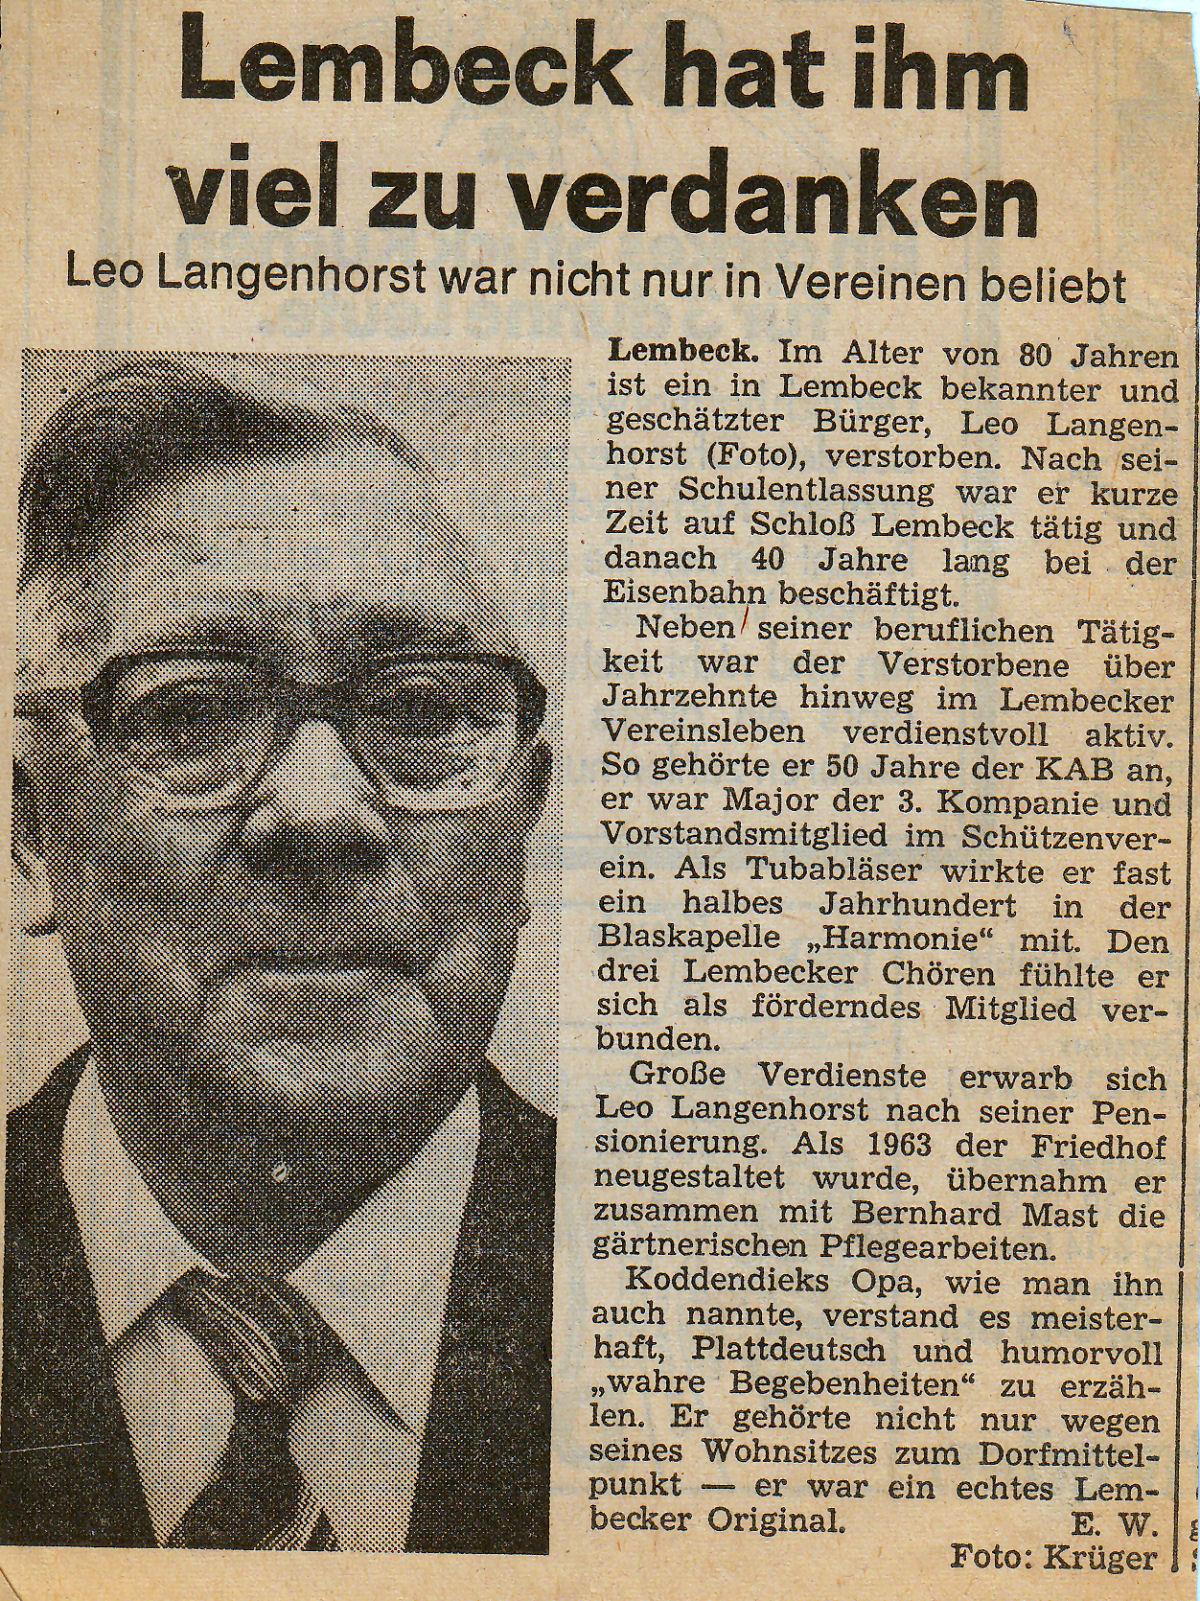 Lembeck_hat_ihm_viel_zu_verdanken_DZ_01_1979